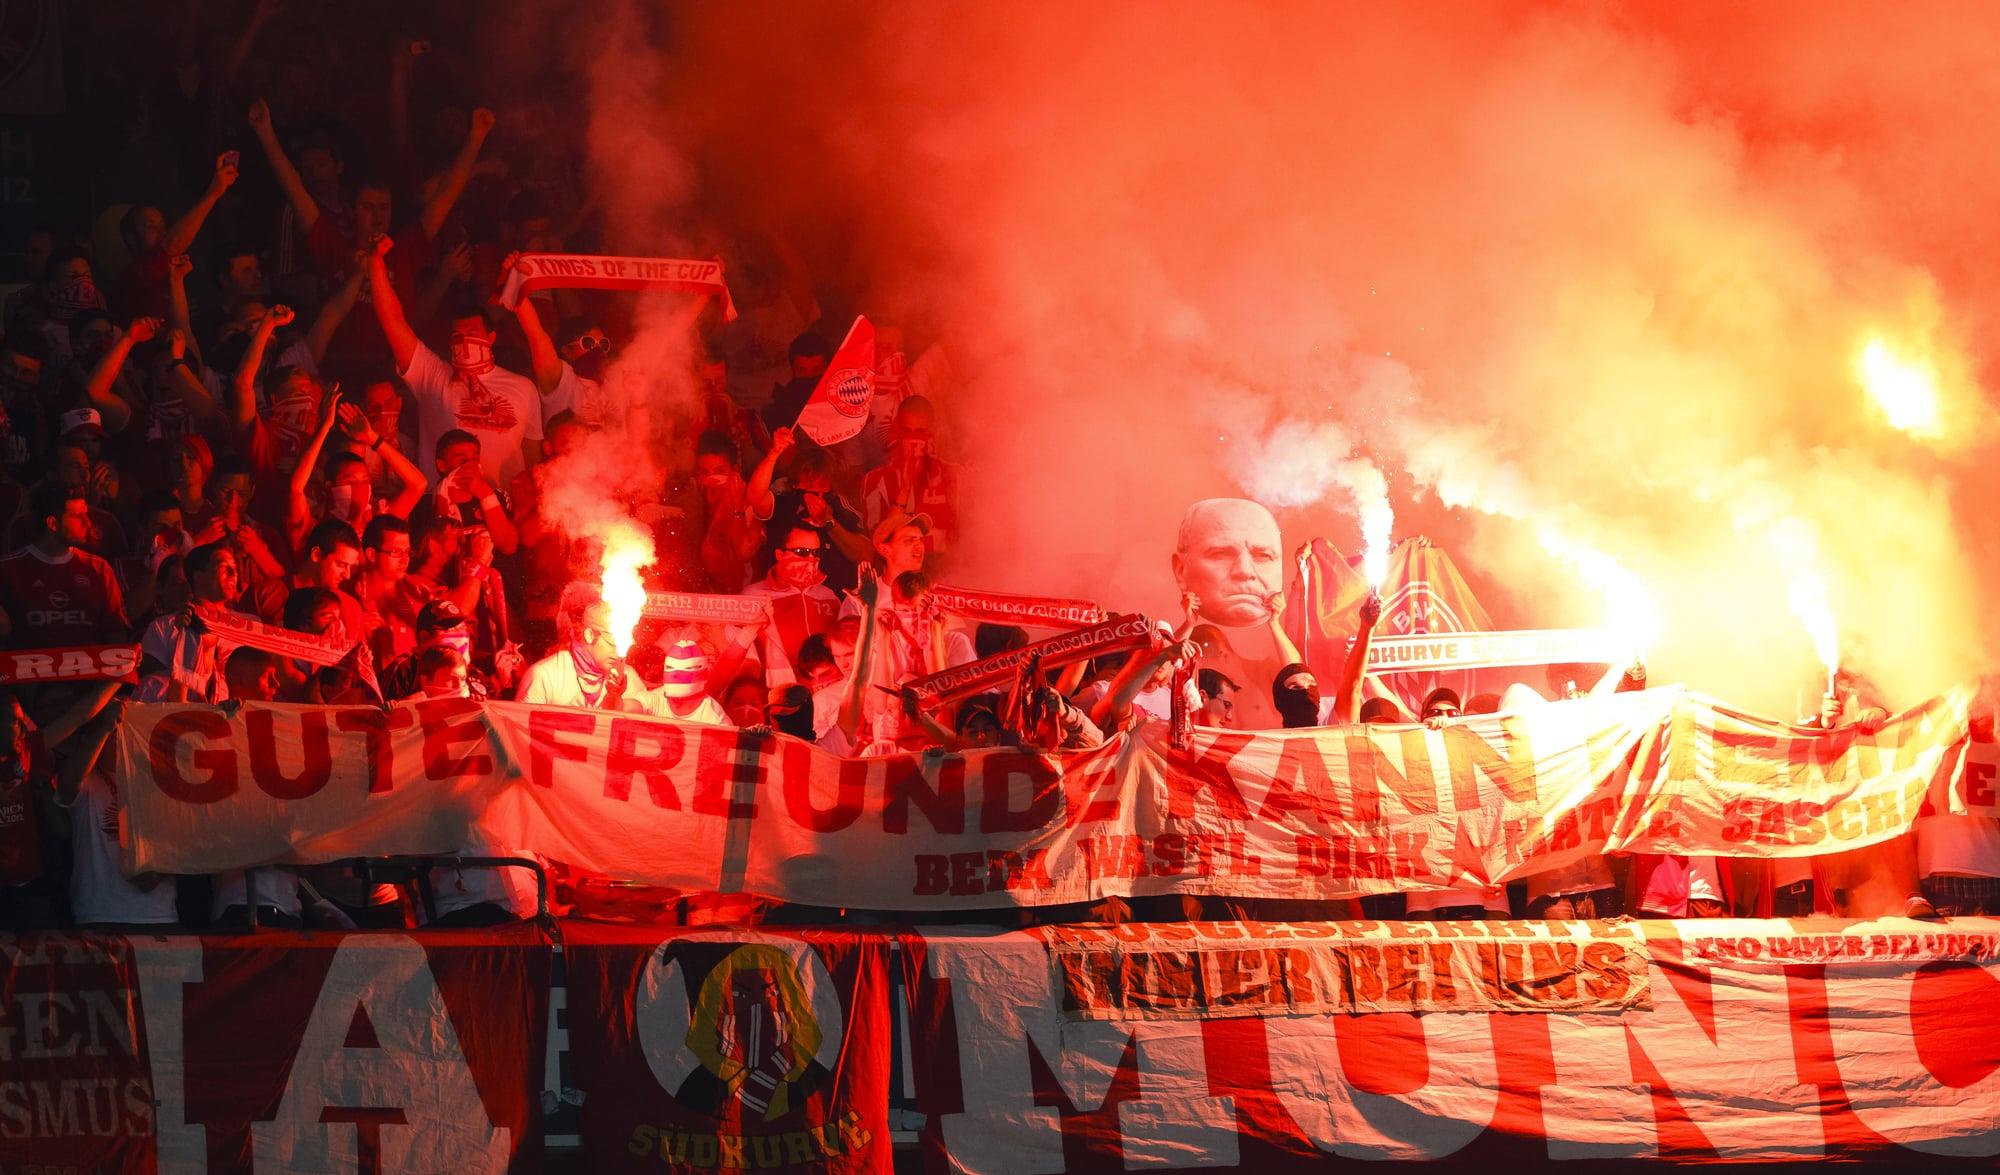 Barcelona 2 Bayern Munich 8